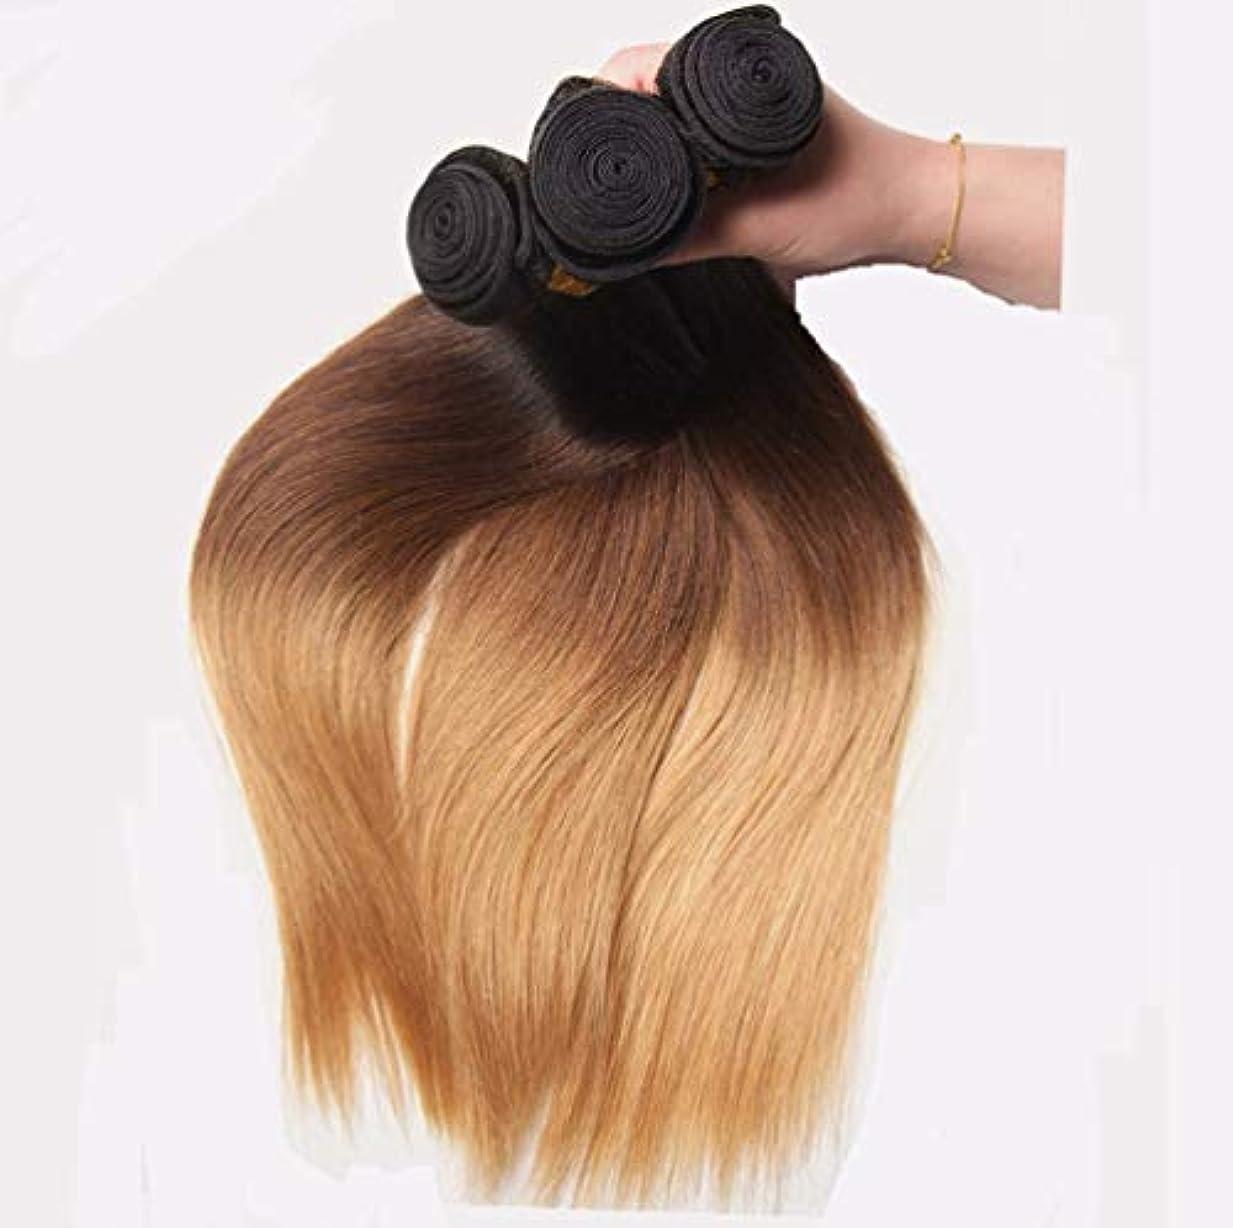 ジョージハンブリー生きる究極の女性10Aグレードペルーストレート人毛ストレートバージン人毛織りエクステンションミックスストレートヘアウィービング(3バンドル)